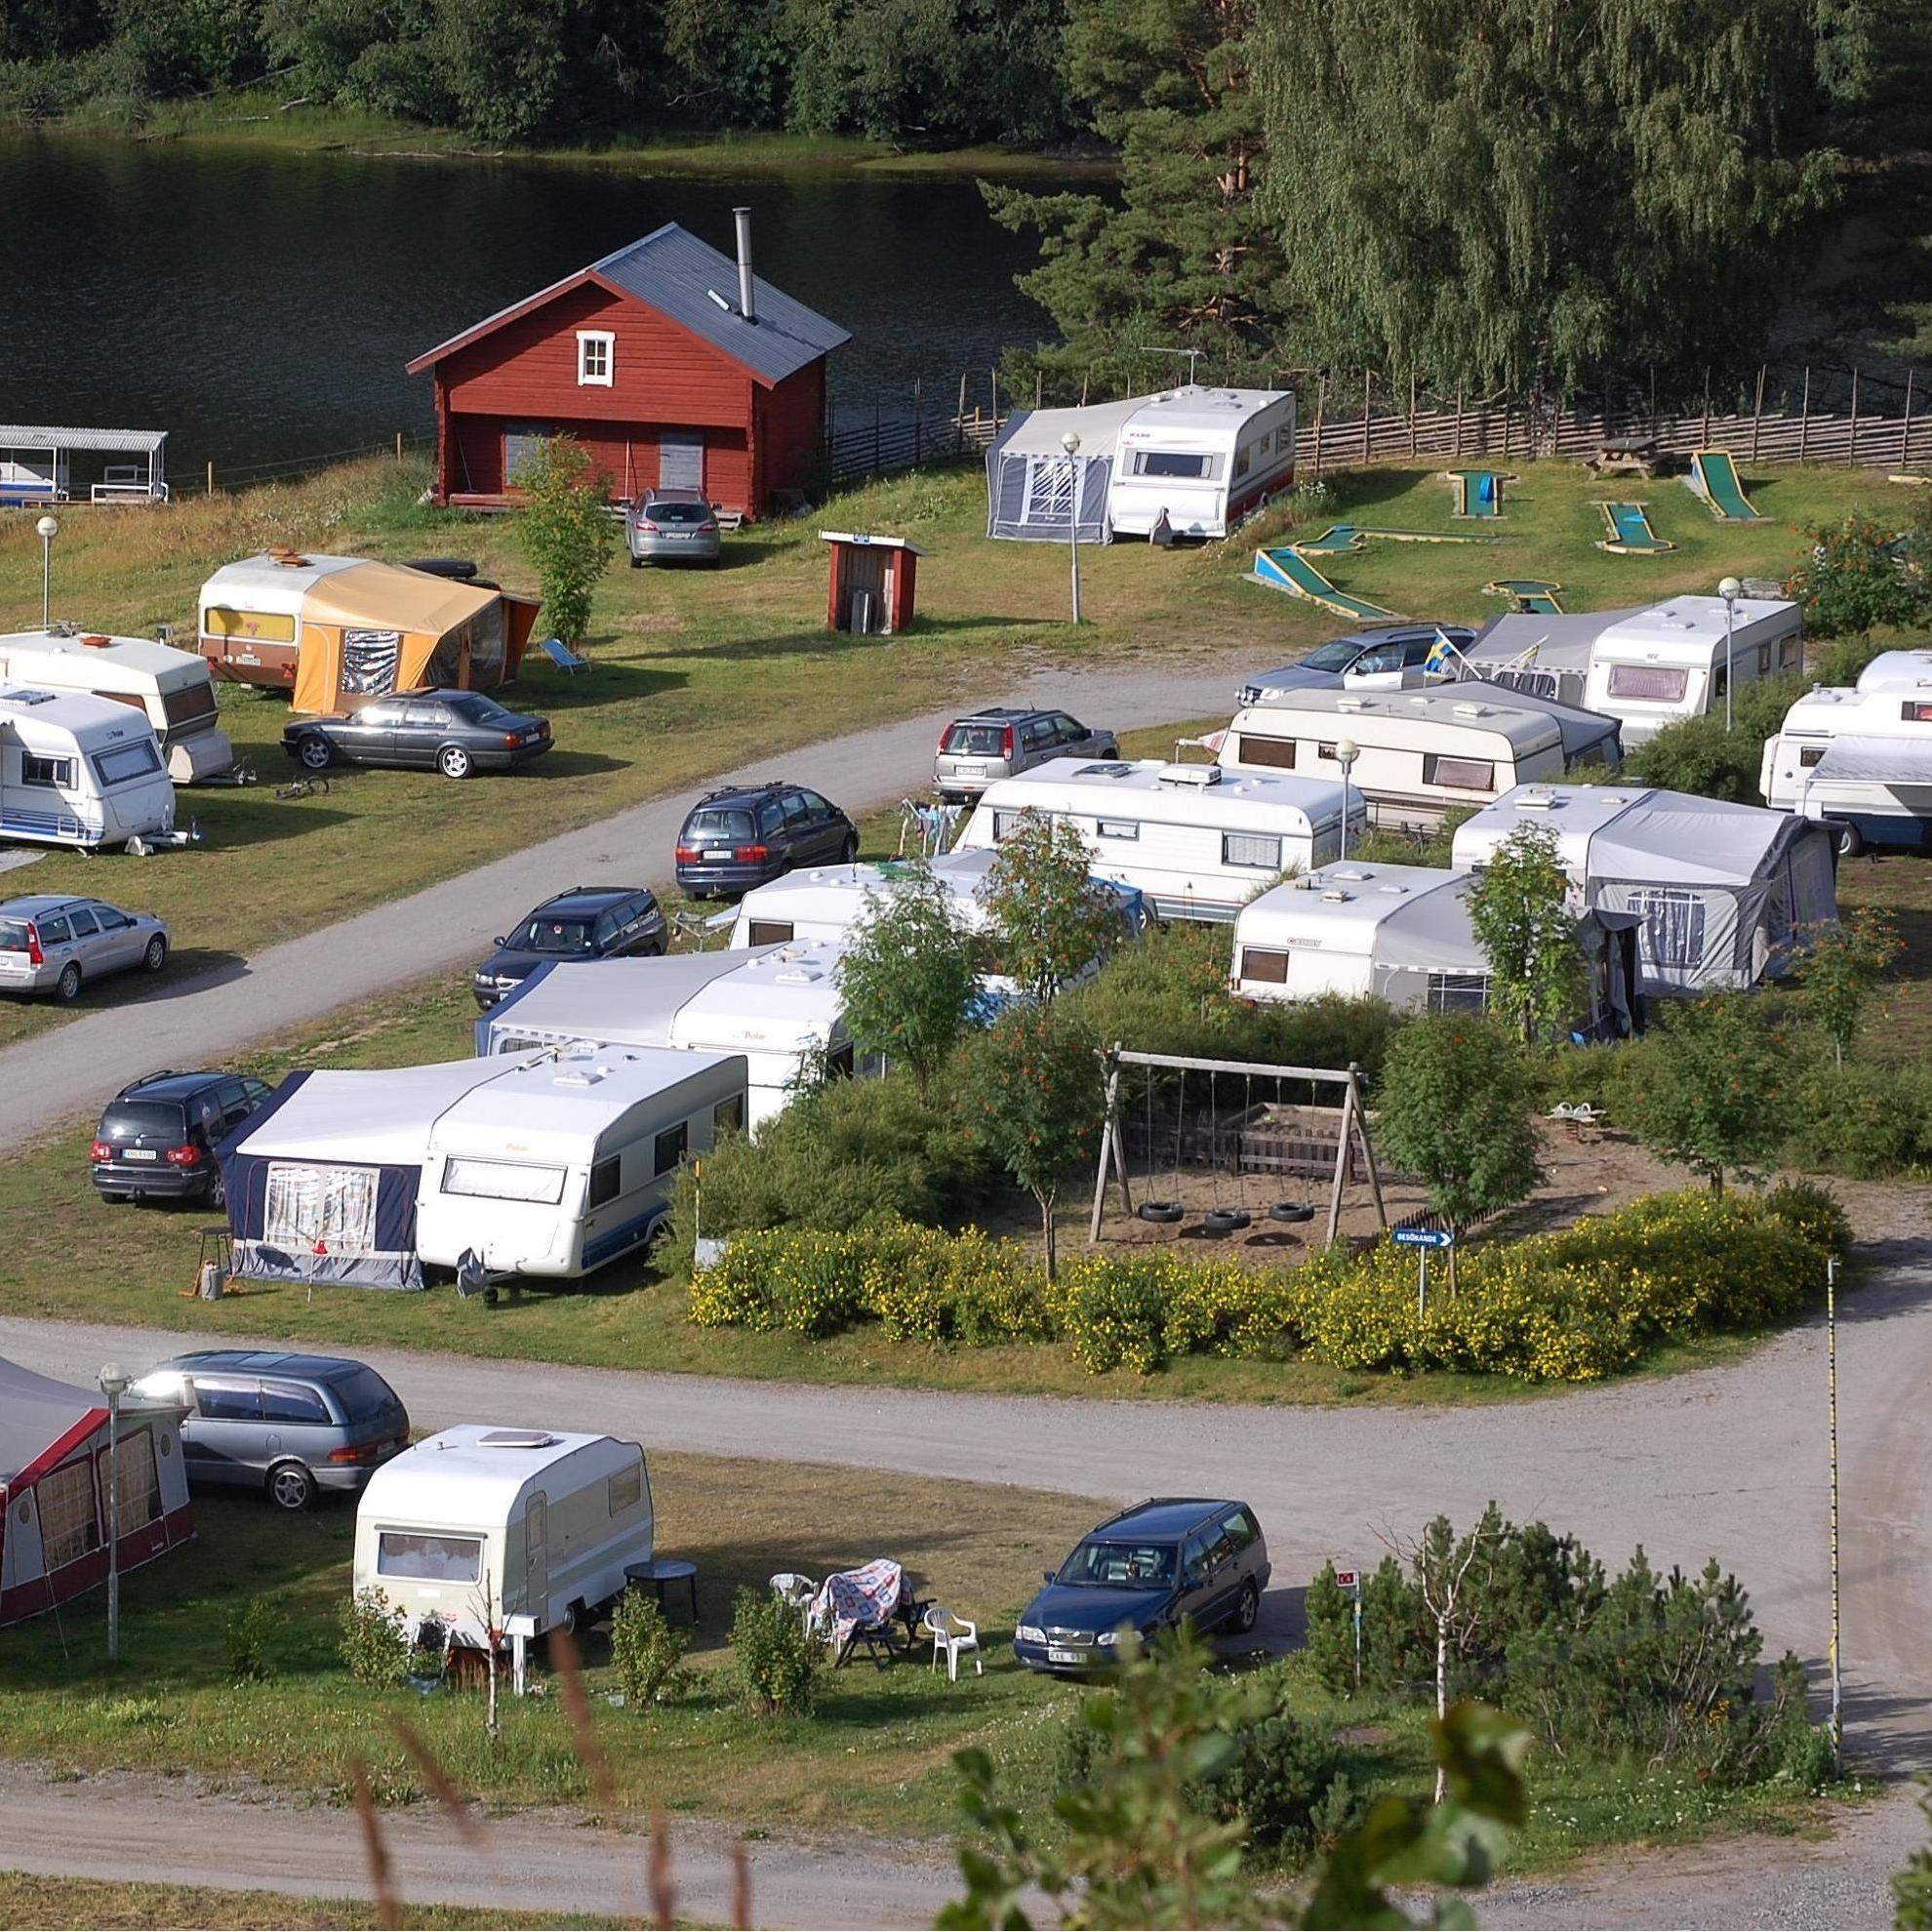 Ramsele Campsite